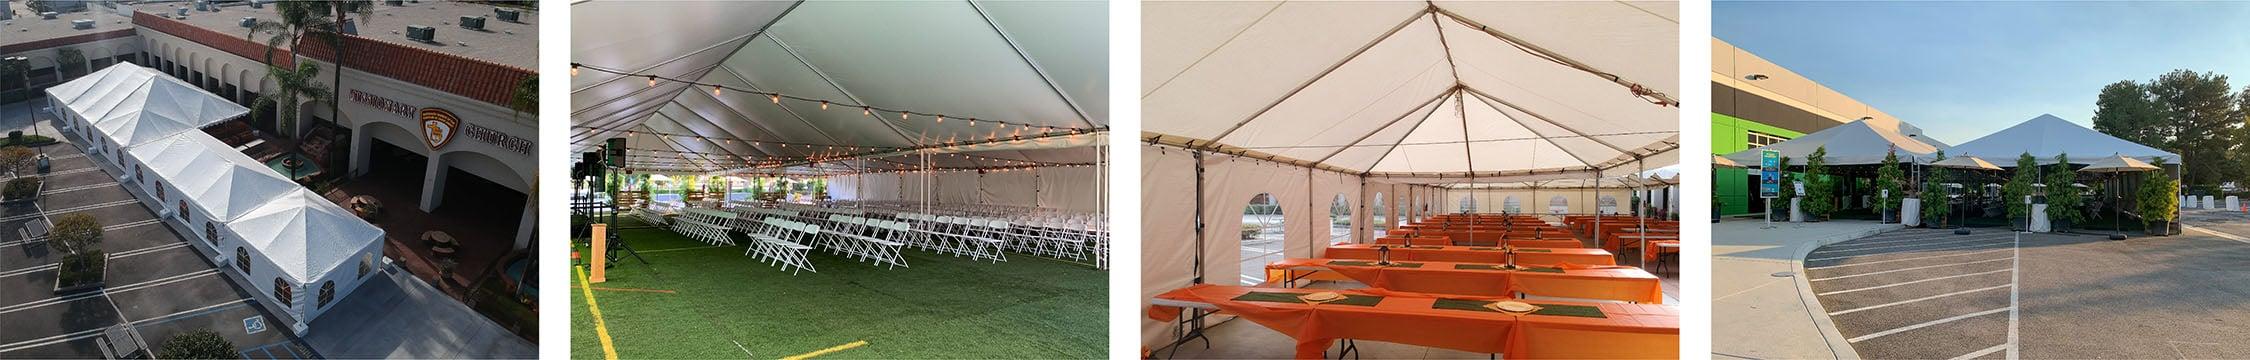 tent-rentals-near-pdg